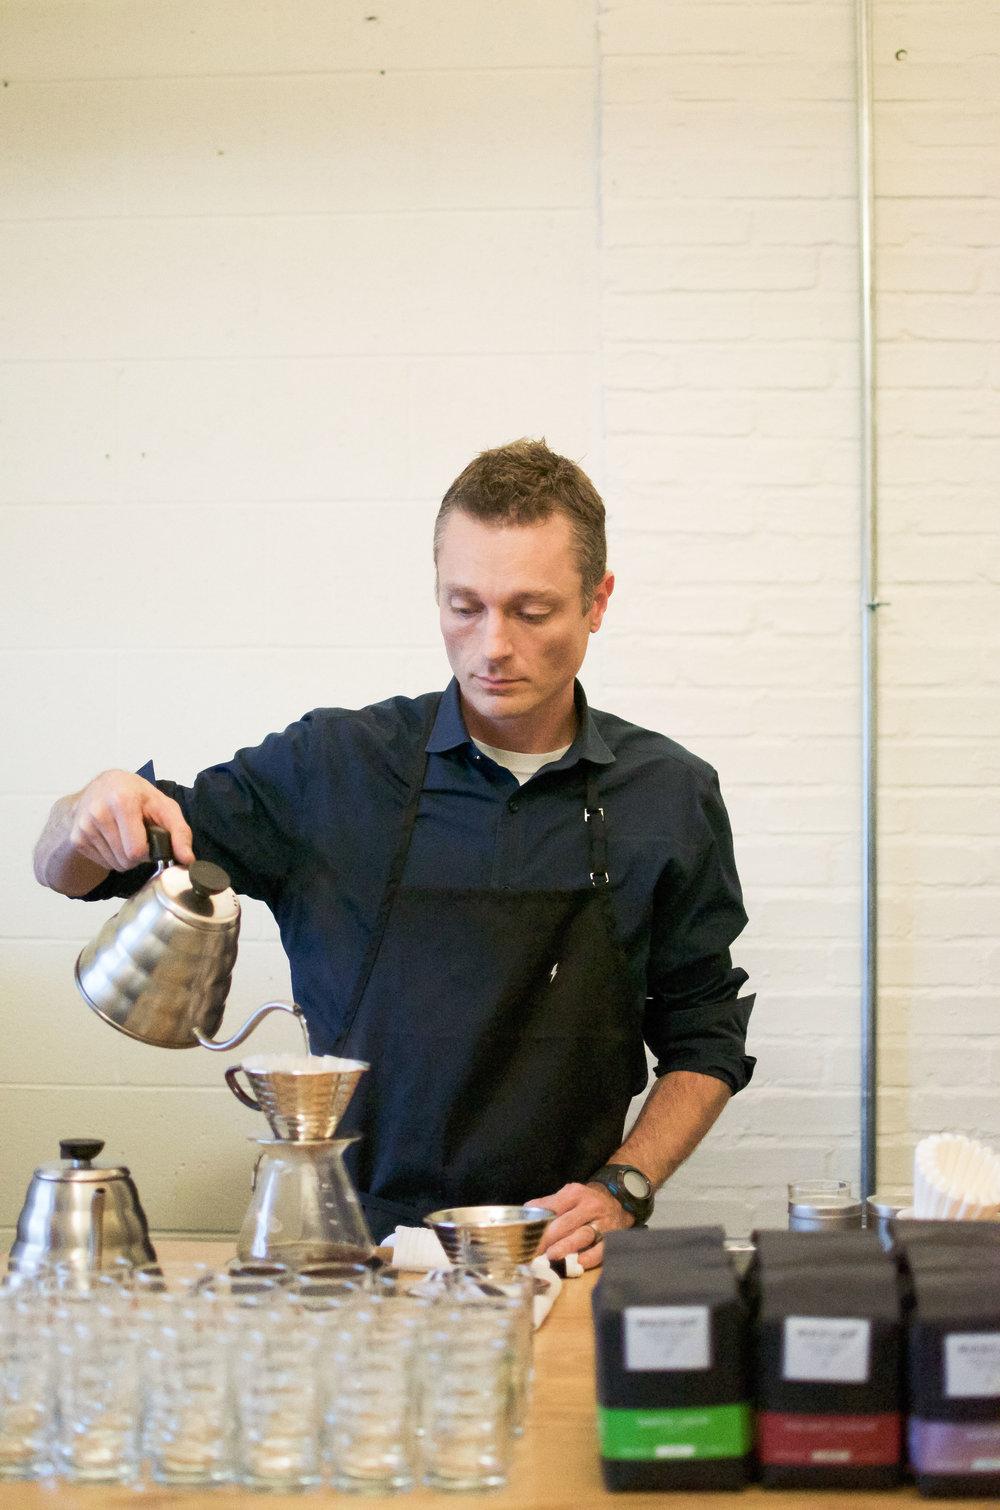 Wendling_Boyd_Daily_Fika_Coffee_Madcap-14.jpg